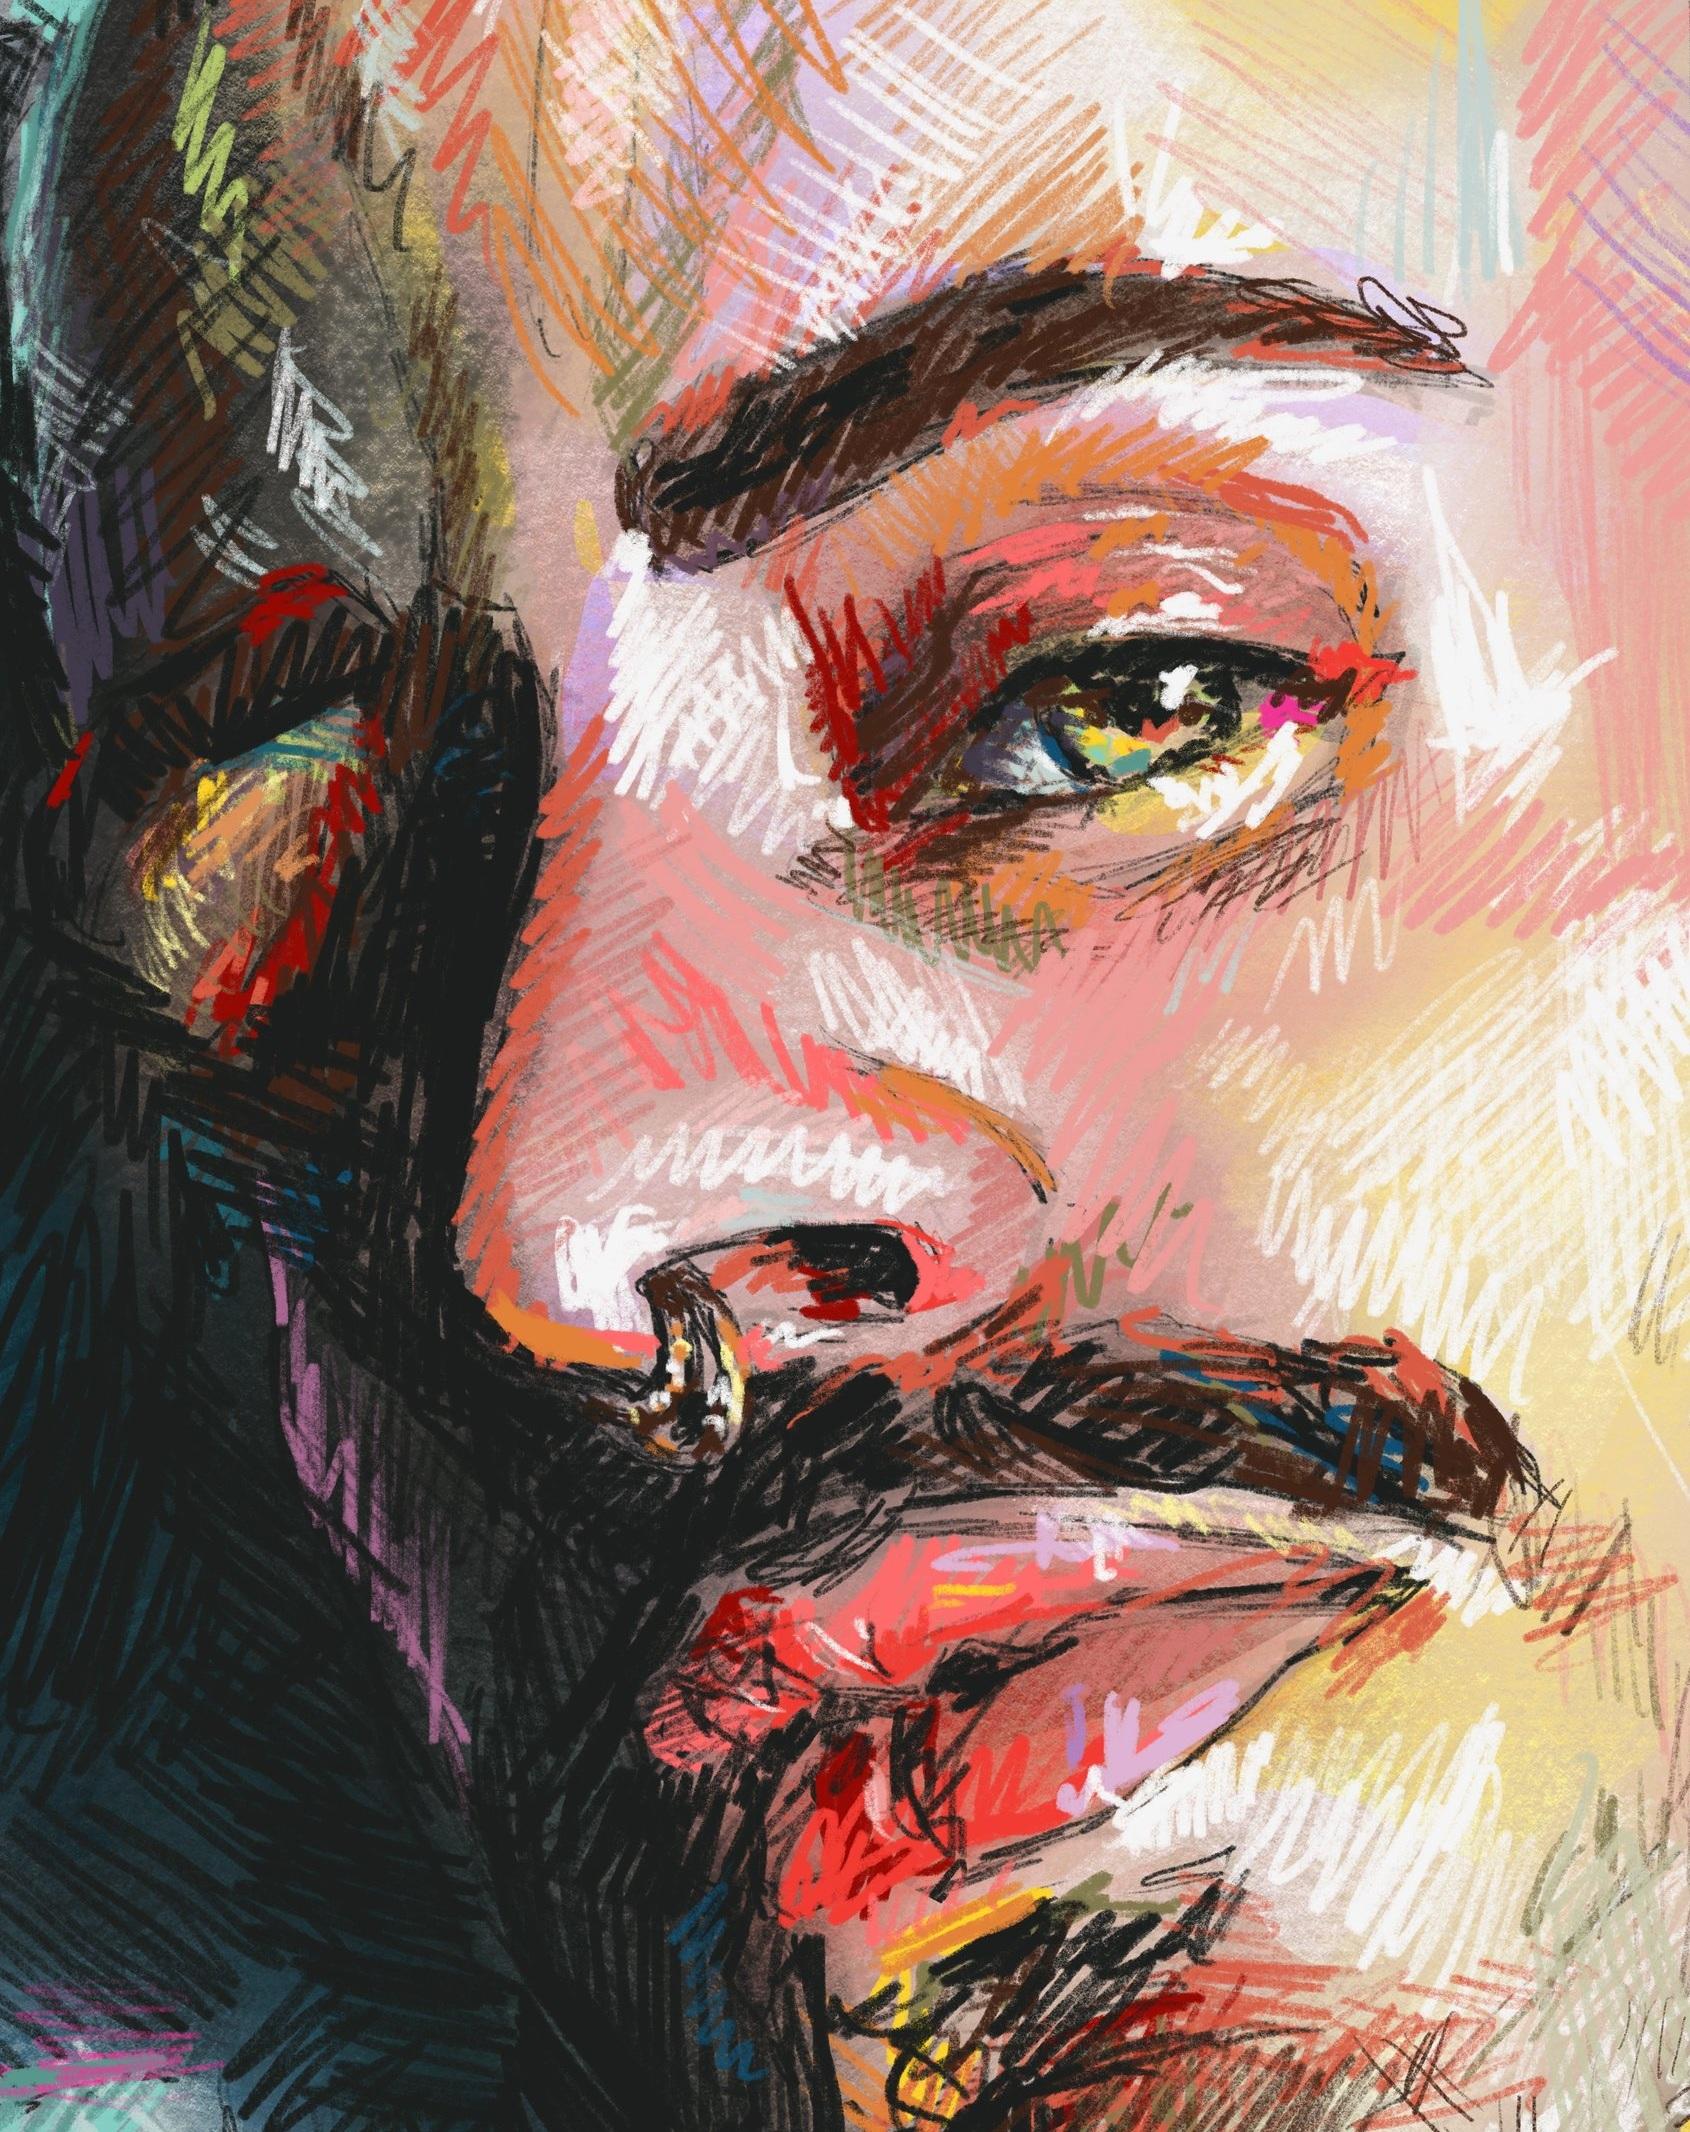 faith+artwork+portrait.jpg